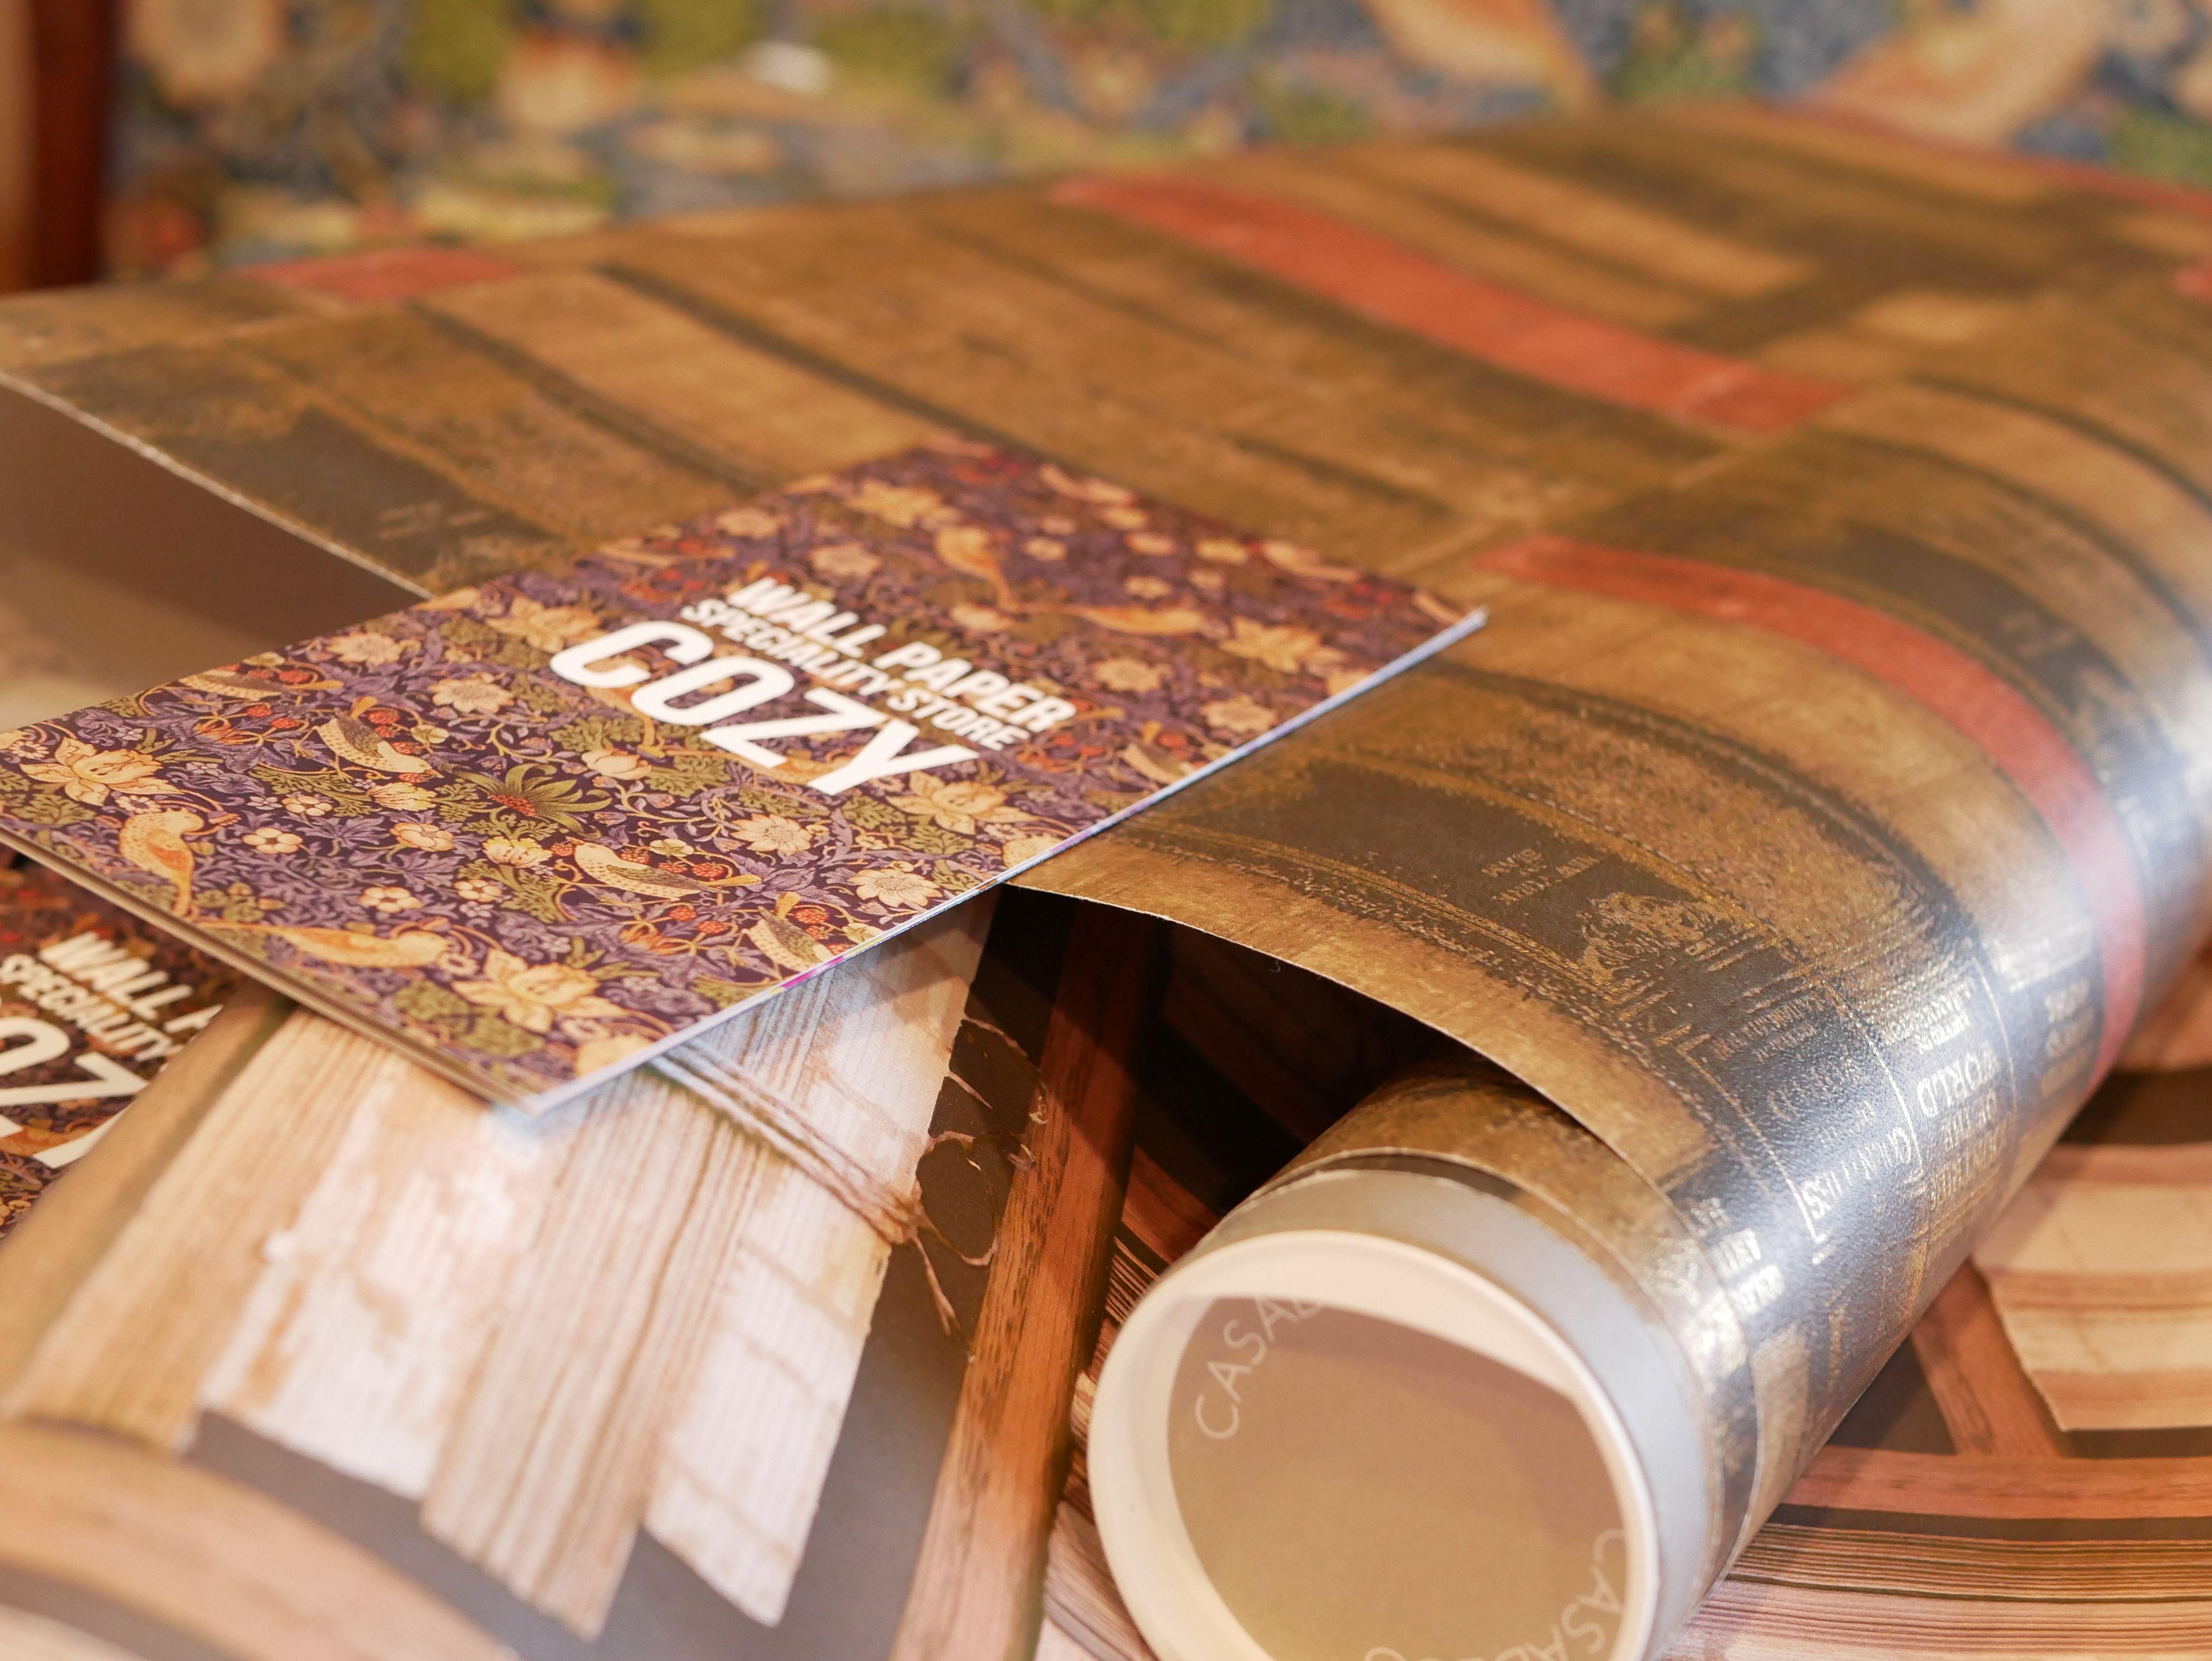 深まる秋に本の暖かみを 重厚なブック柄の輸入壁紙で 落ち着いたインテリアをあなたに G From Galerie イギリス G From Galerie イギリス Wallpaper Importwall Instagram Posts Instagram Wallpaper